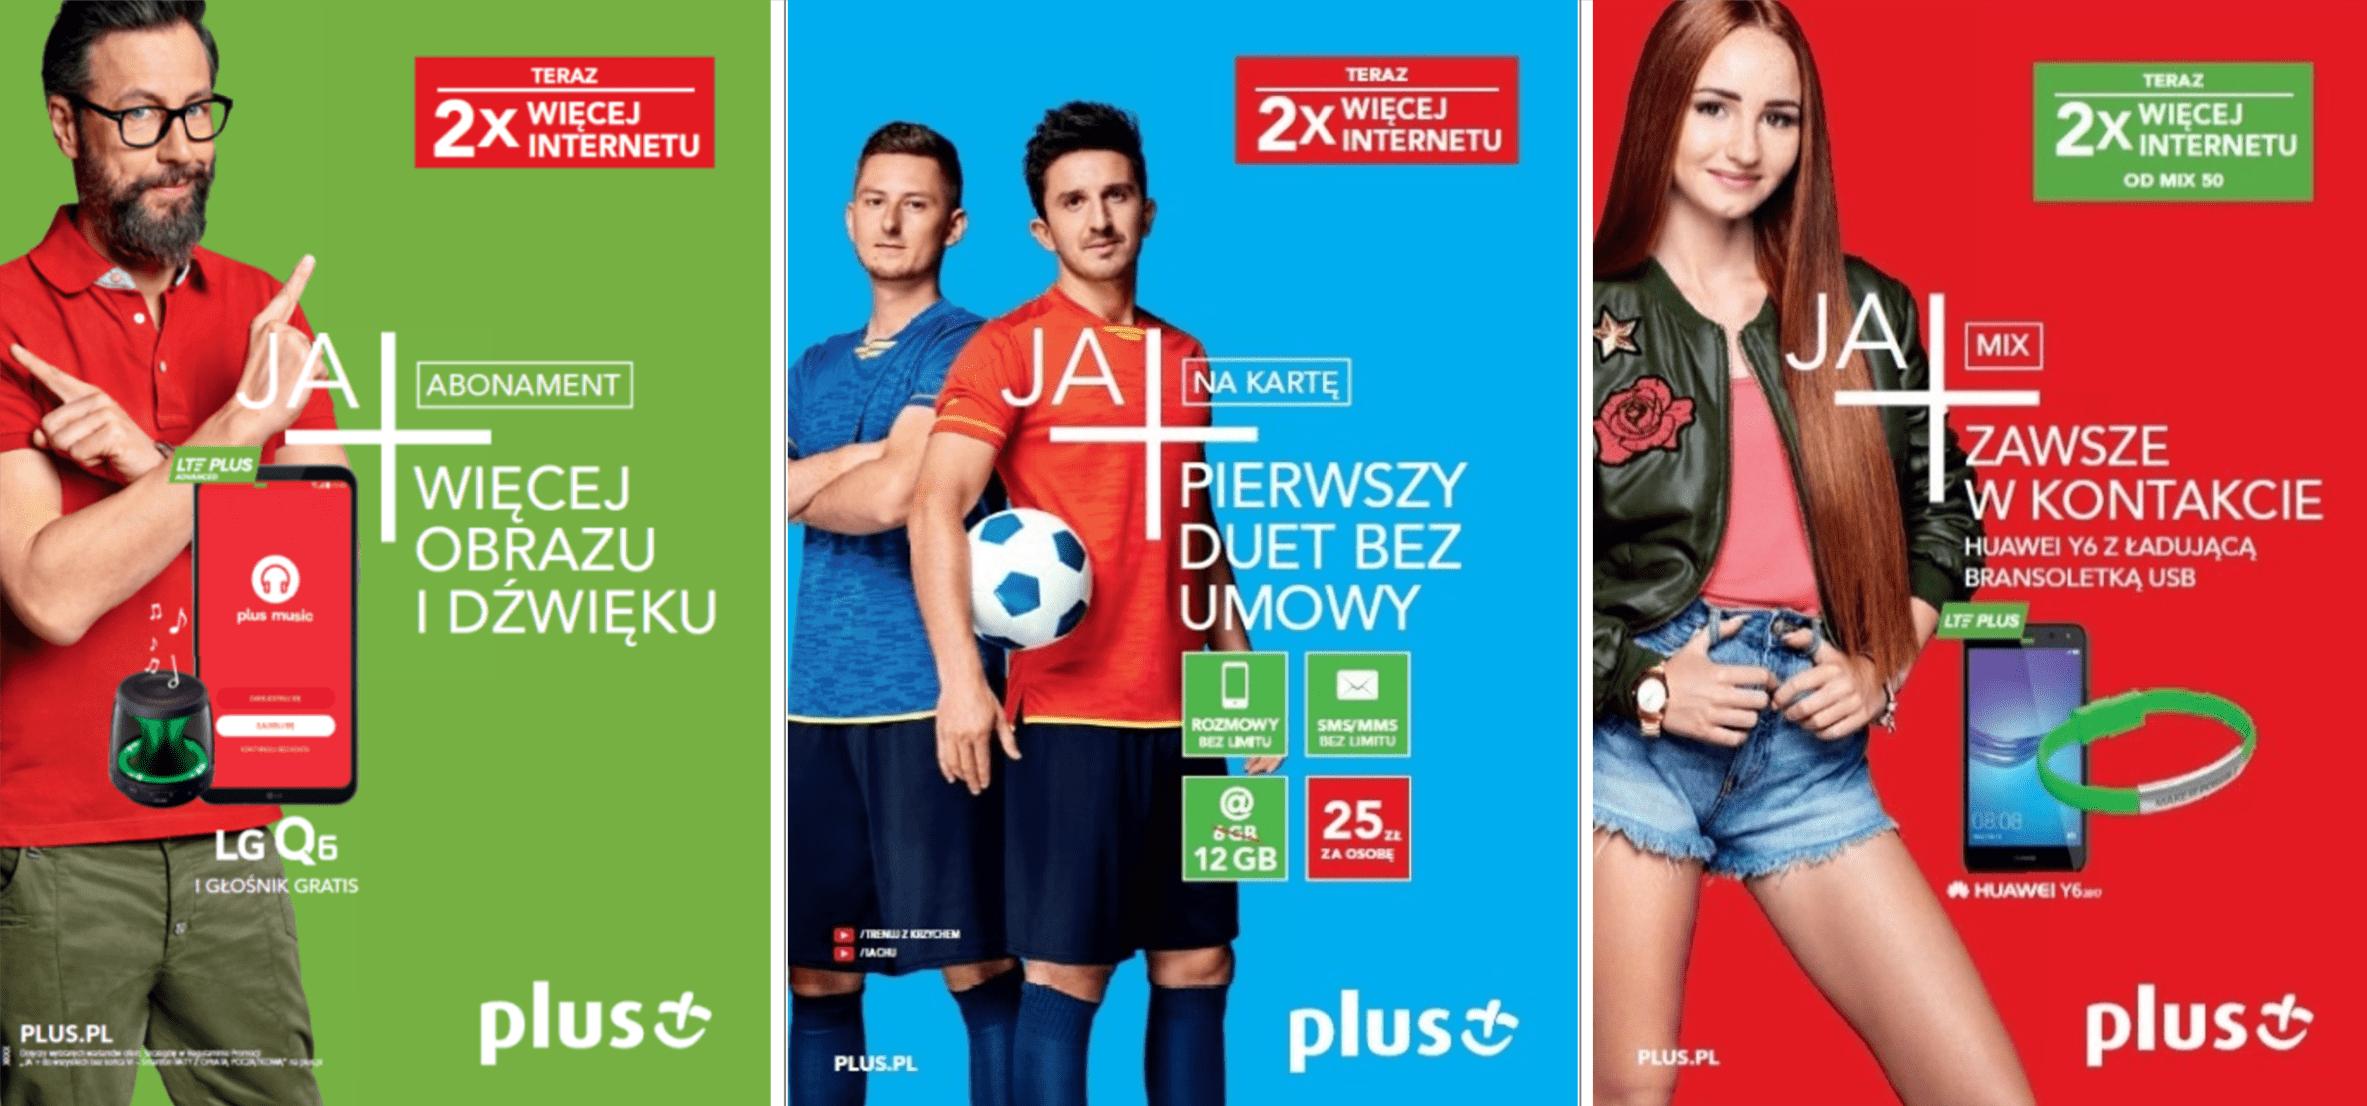 Tabletowo.pl Plus zaoferuje swoim klientom dwa razy więcej internetu w ofertach abonamentowych, mixie i na kartach GSM